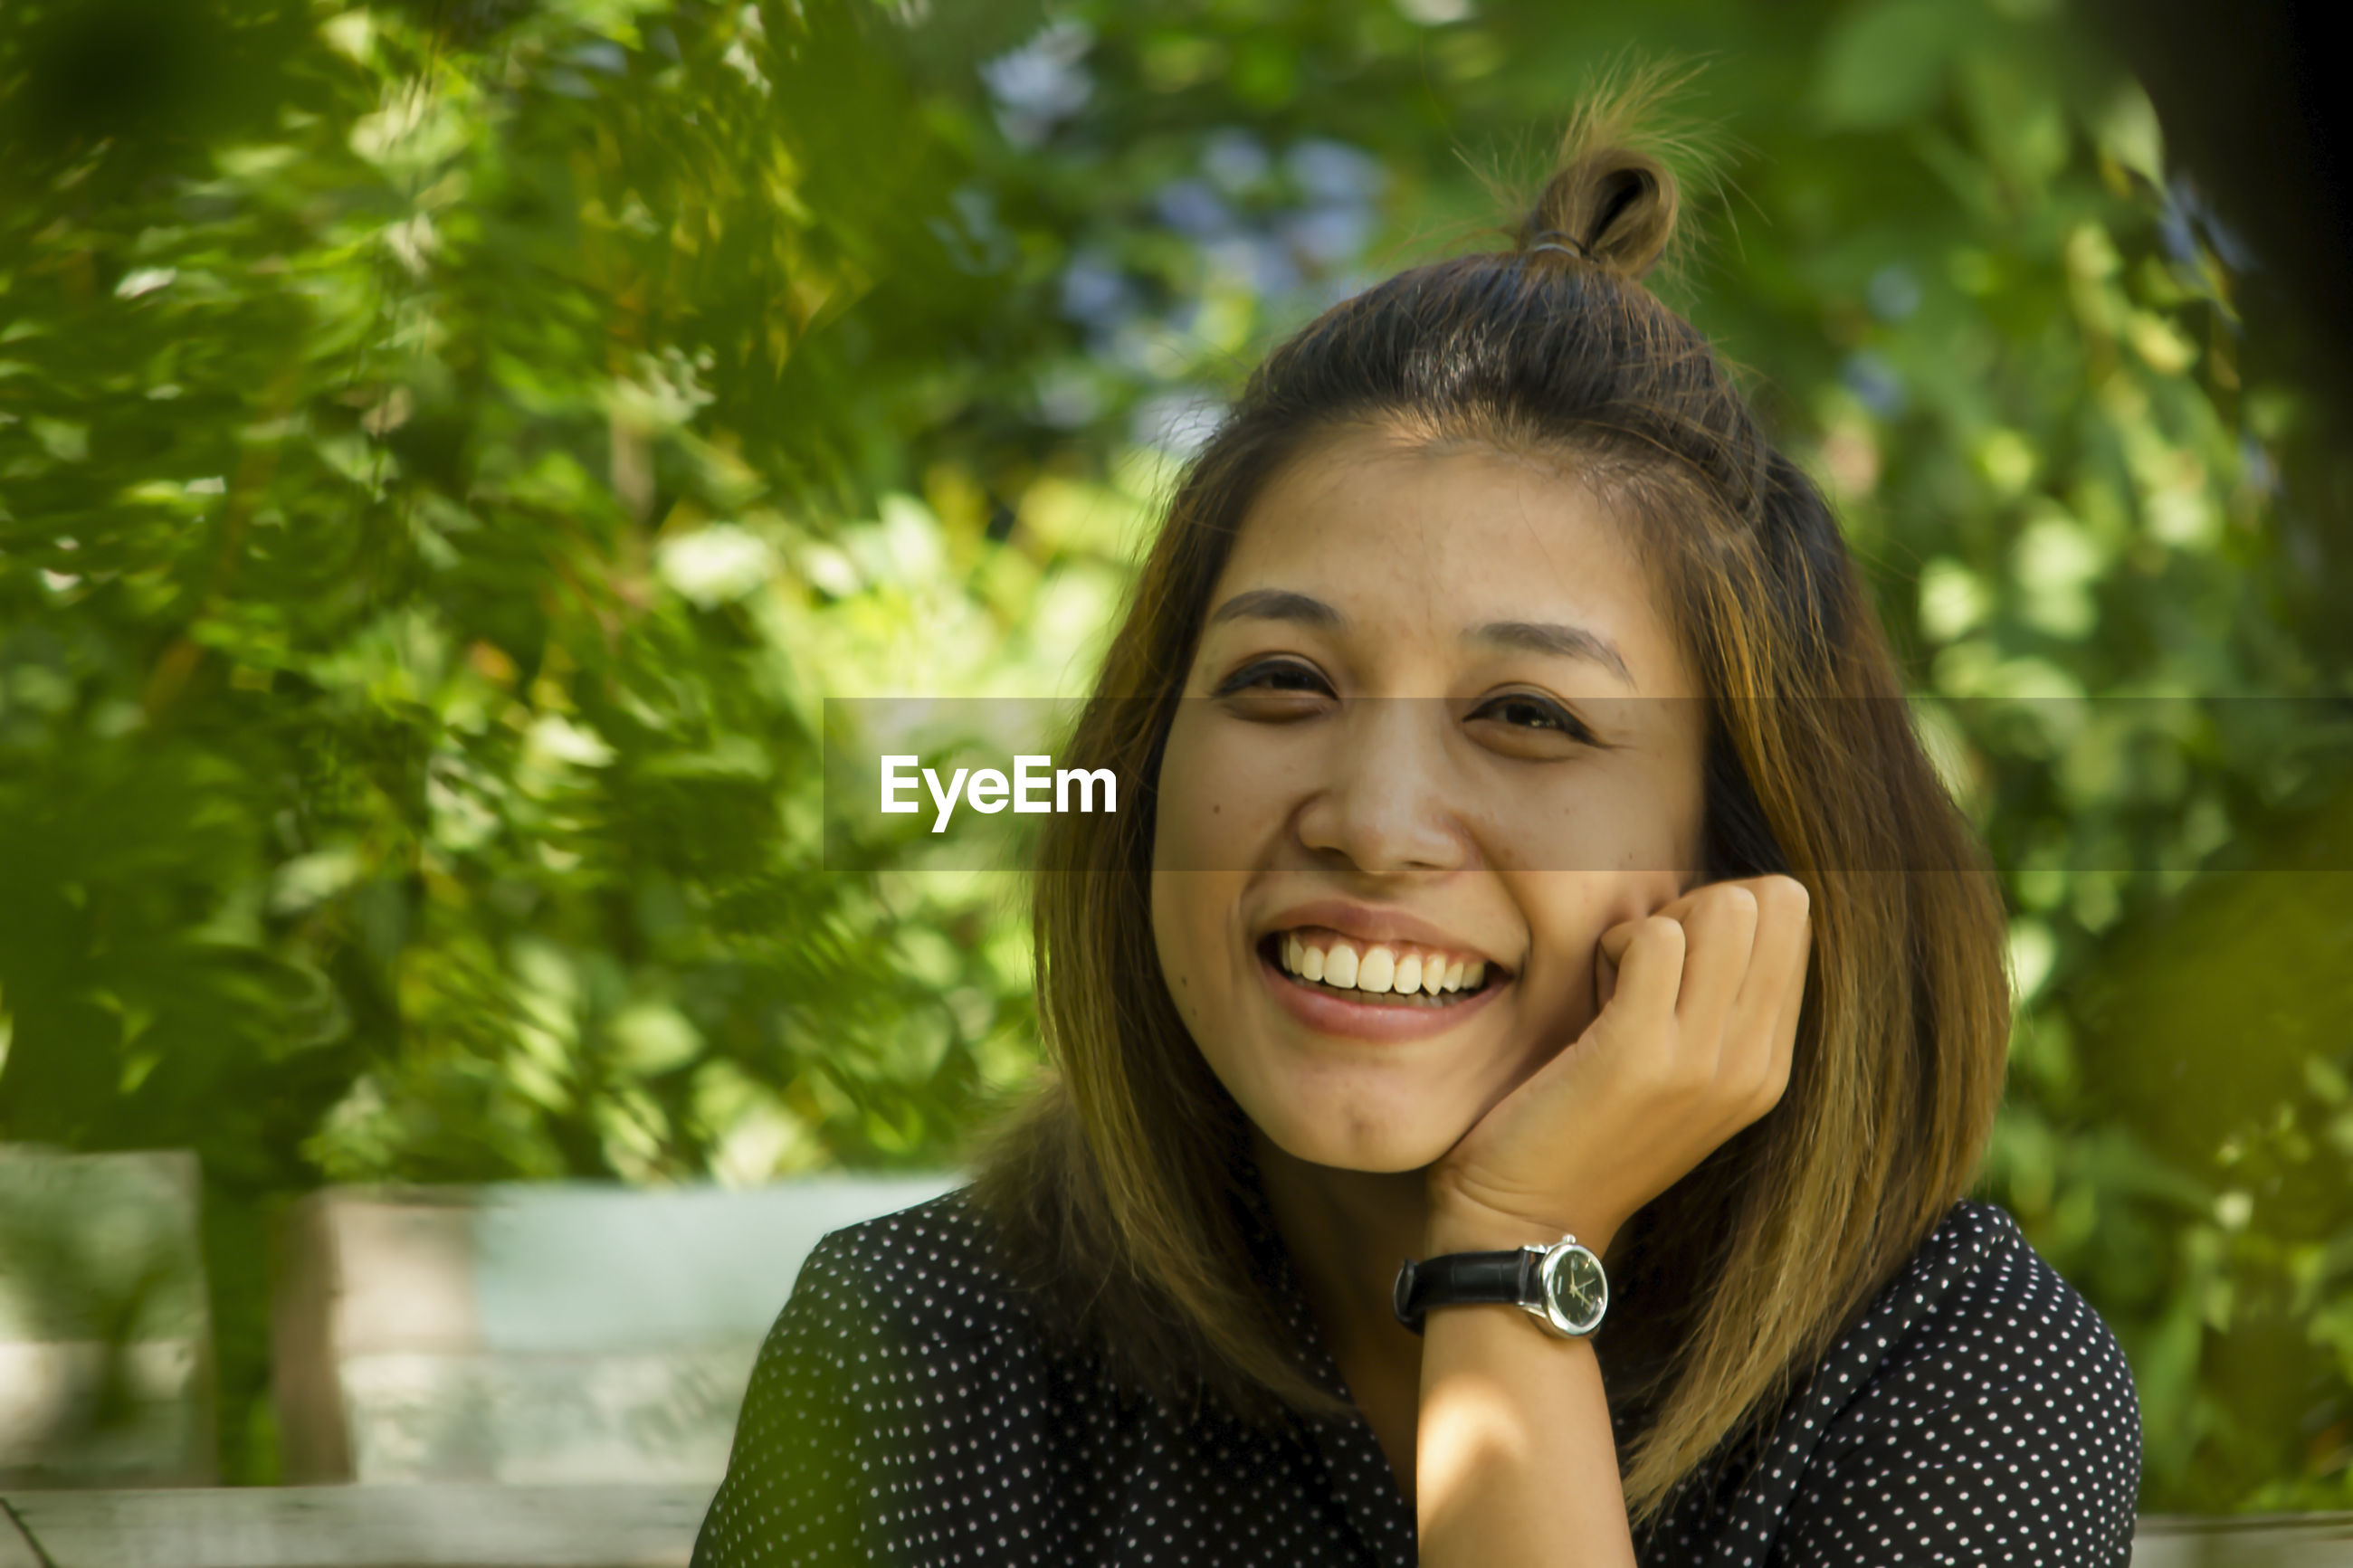 Close-up portrait of smiling woman against plants